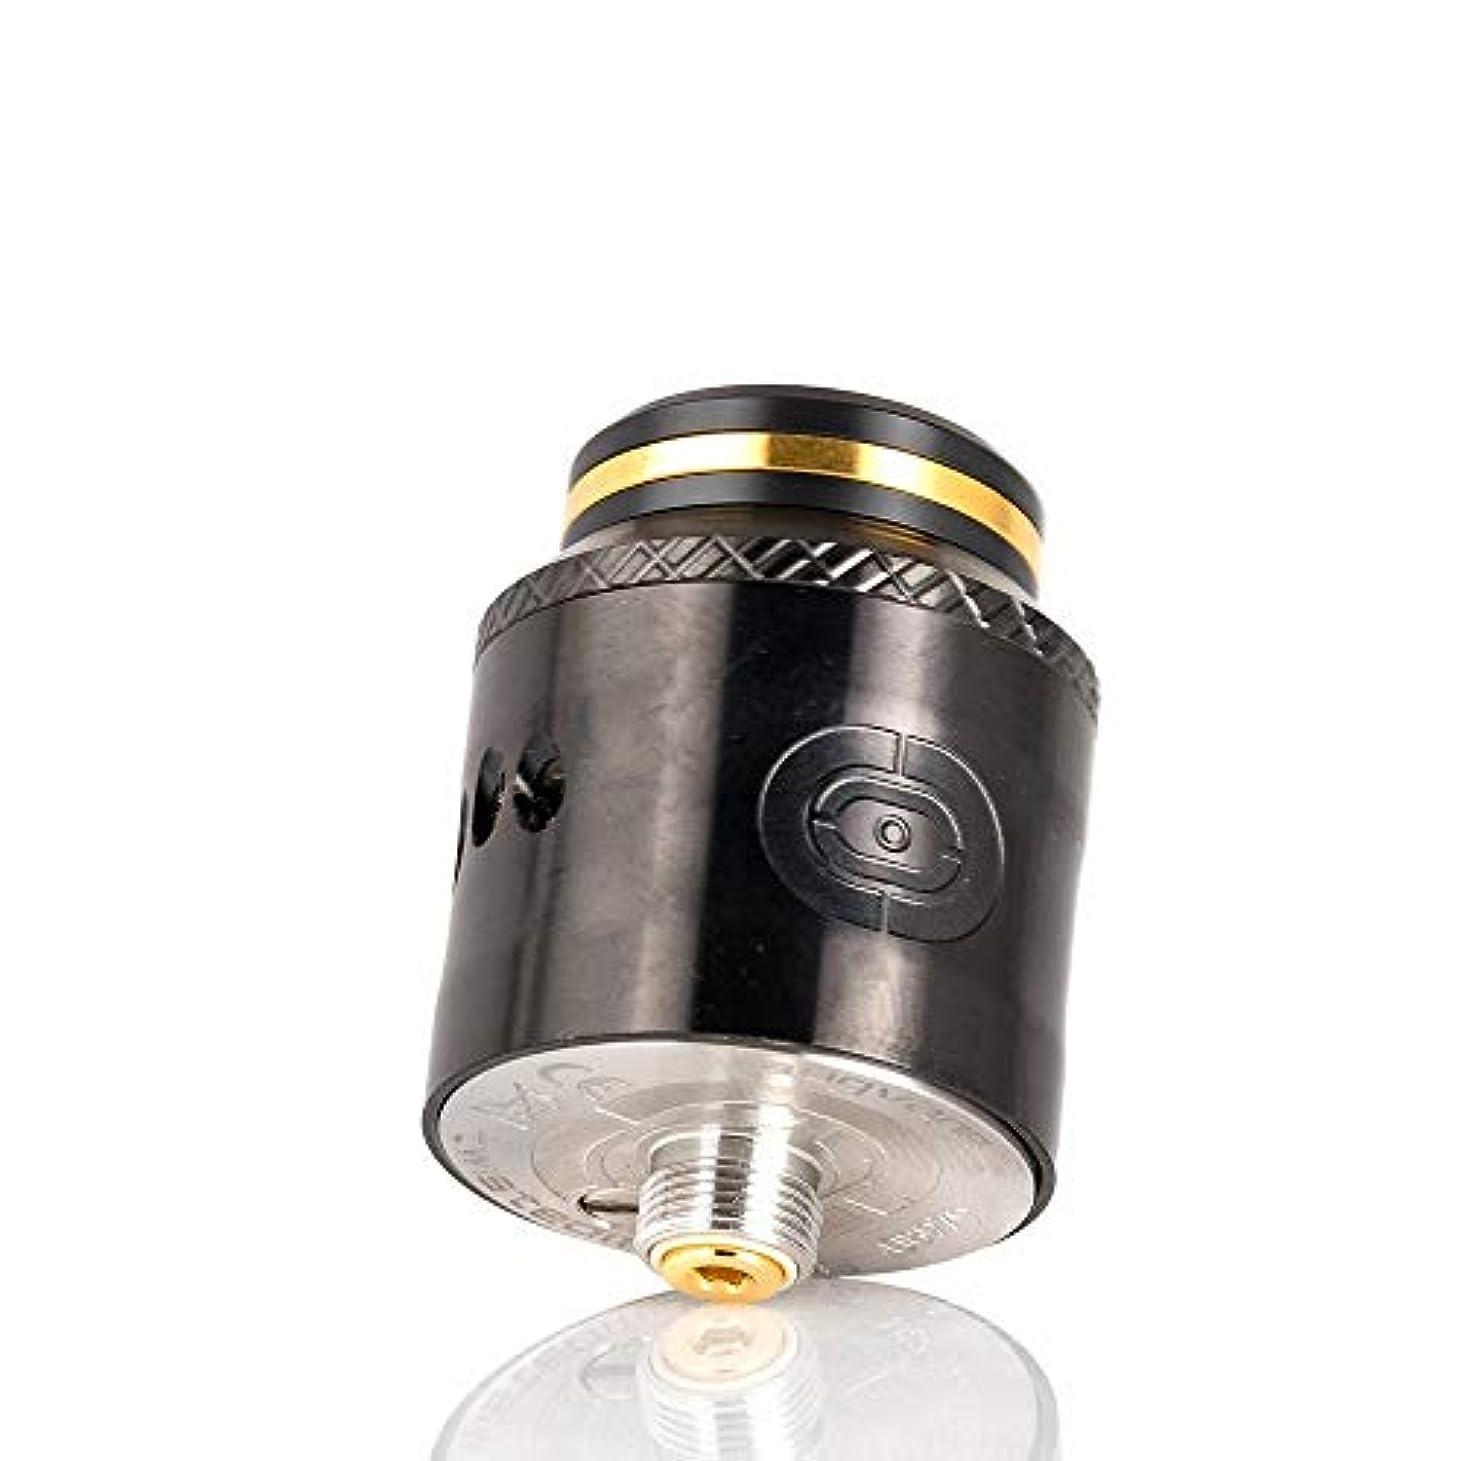 スポーツ私の甲虫電子タバコ vape アトマイザー AUGVAPE Occula RDA Twisted messes オキュラ 24mm(Black)